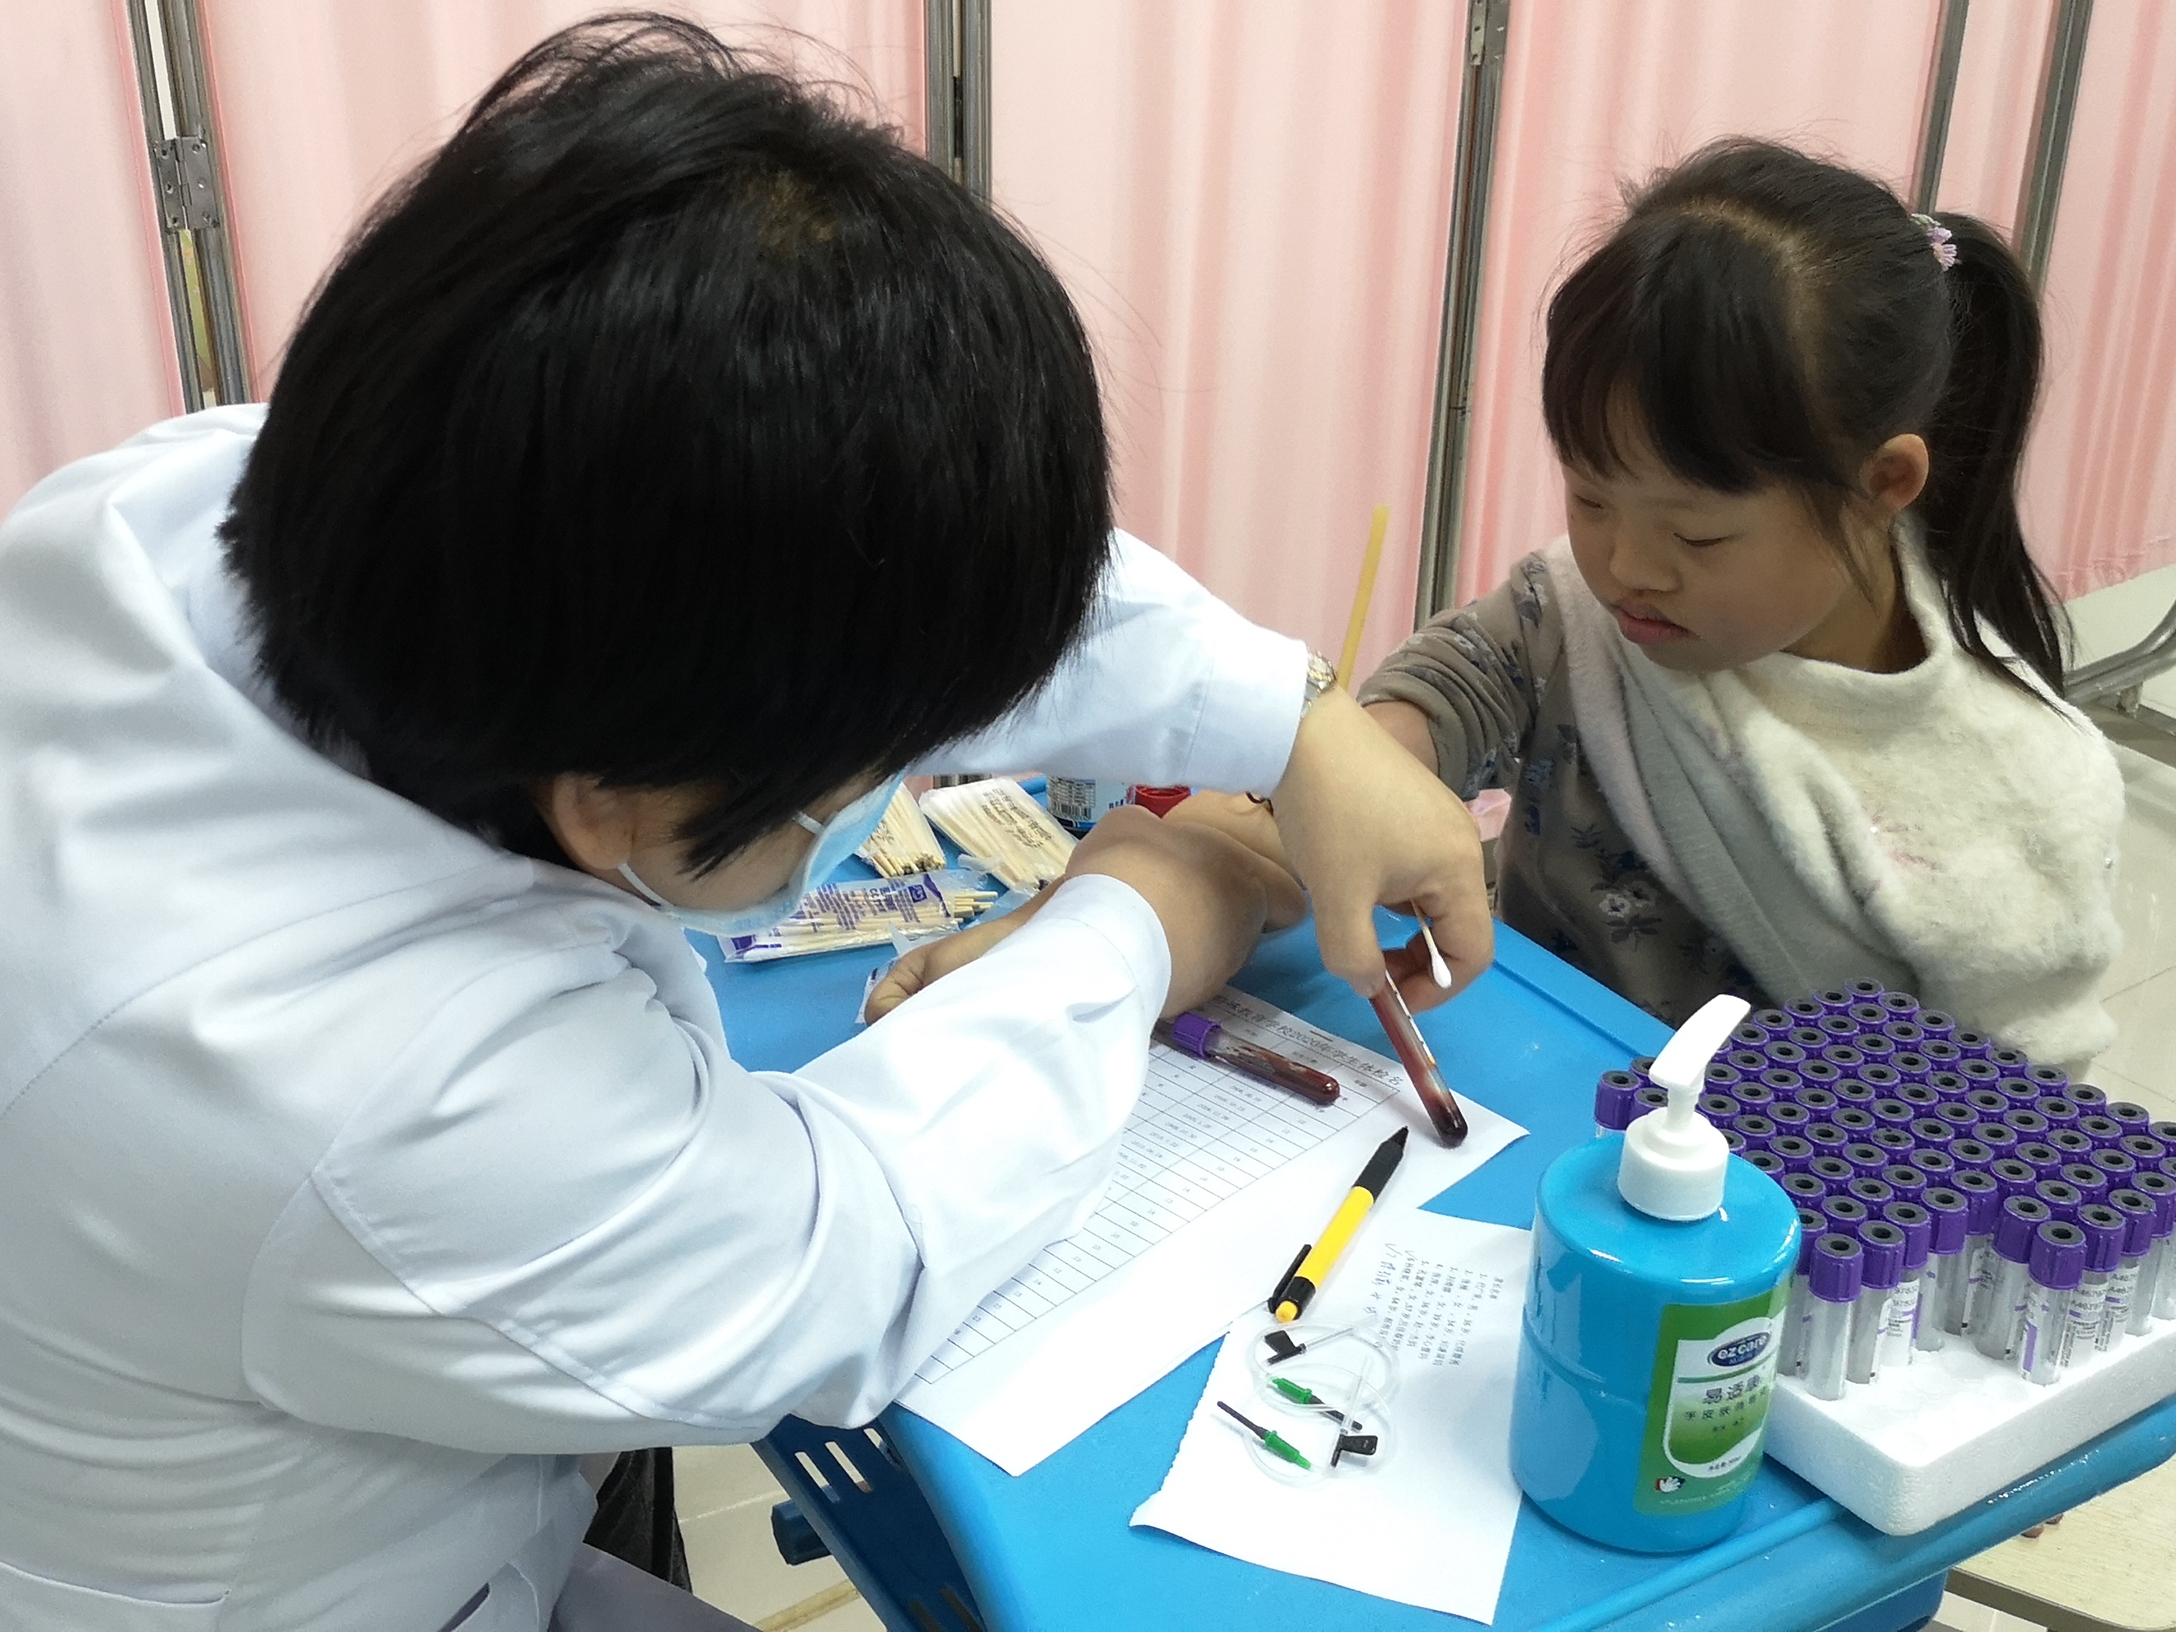 【宝特校·卫生保健】全面做好重大传染病筛查  关注残障学生健康成长